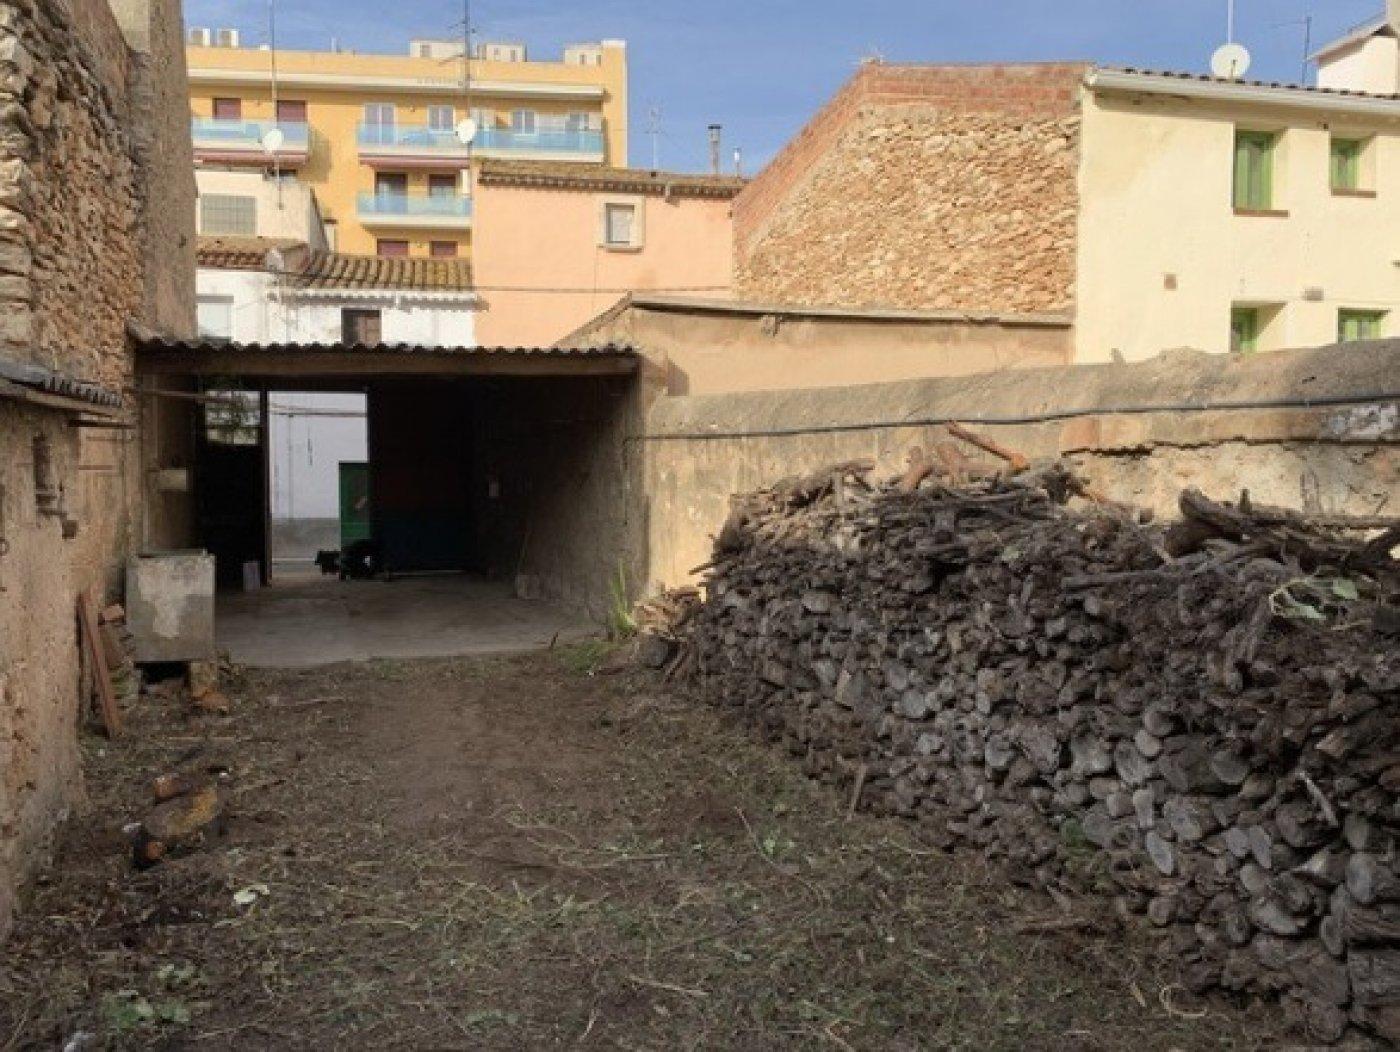 Casa almacén solar a rehabilitar en vendrell centro - imagenInmueble3